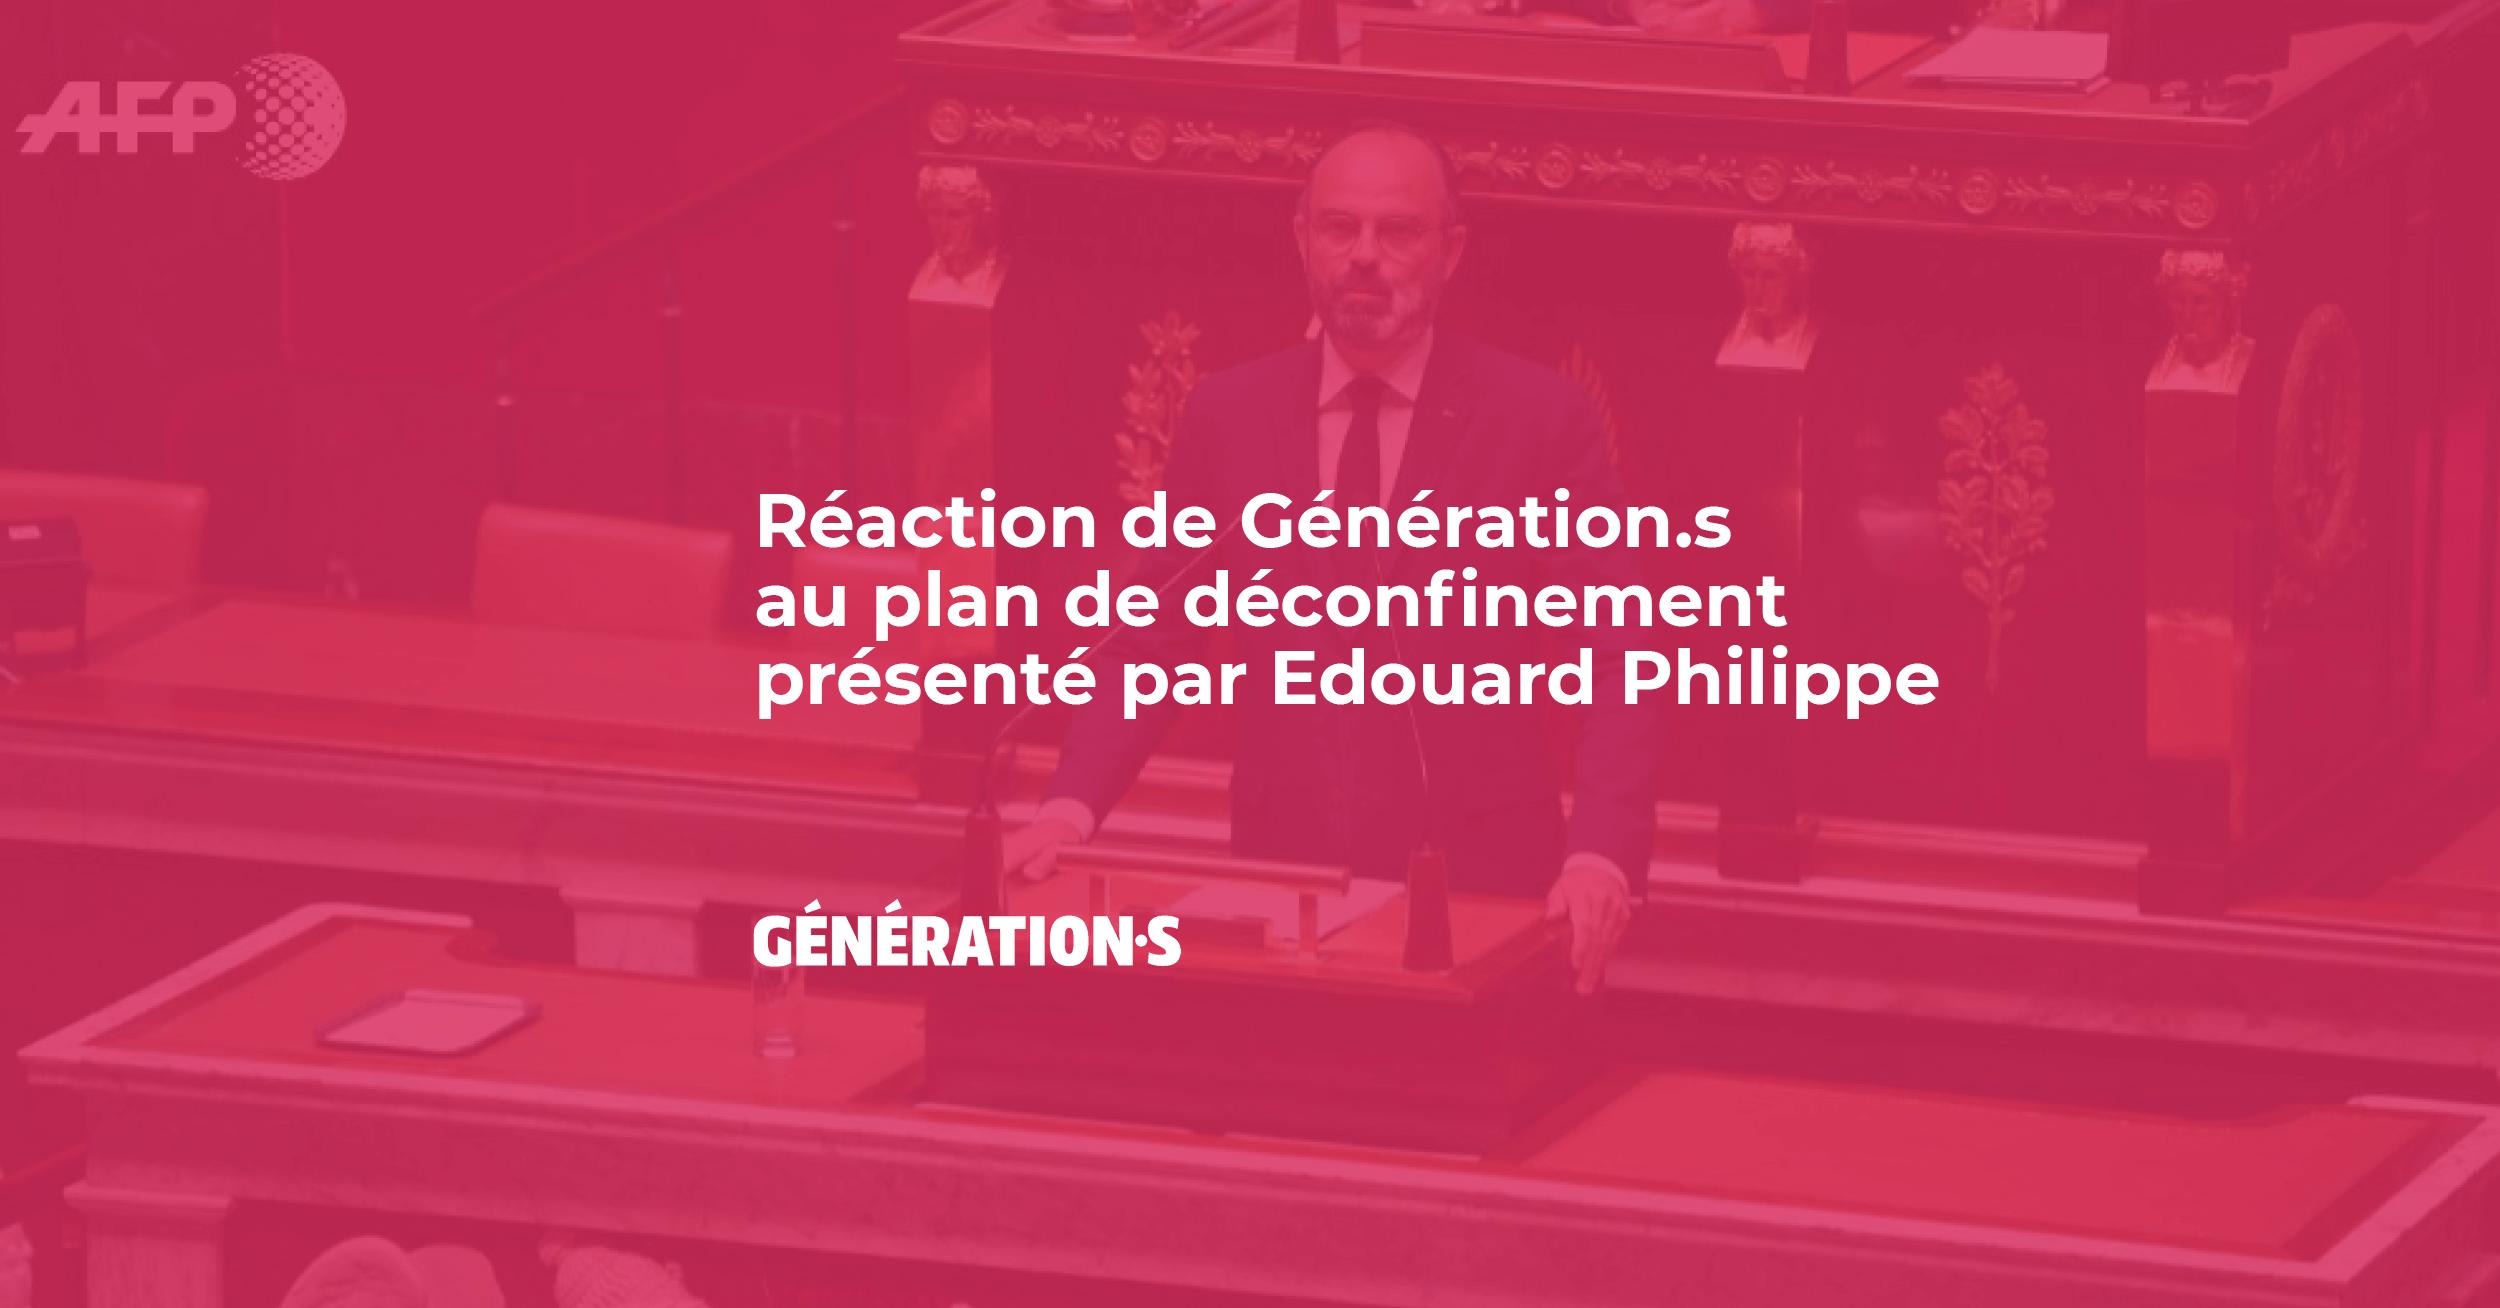 Visuel Réaction de Génération.s au plan de déconfinement présenté par Edouard Philippe